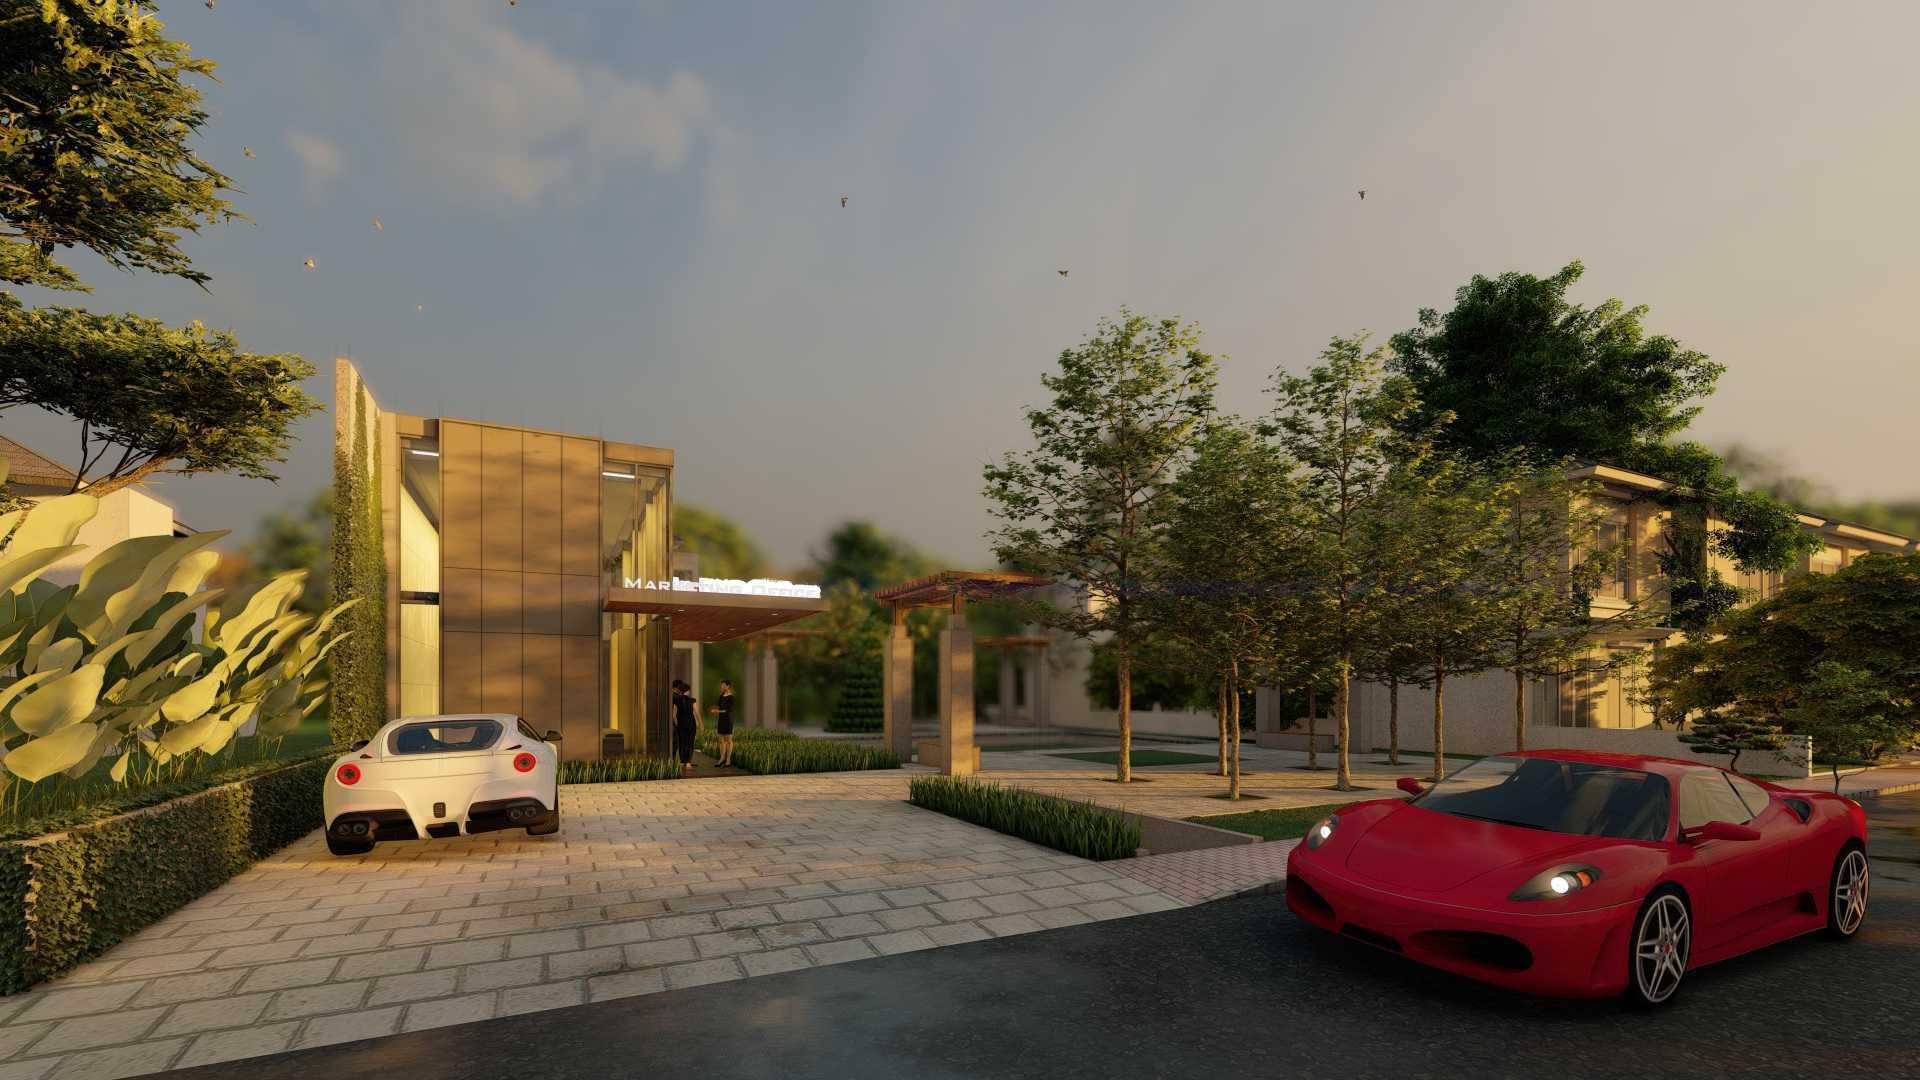 Slight Architect Marketing Office (Paired Design) Makassar, Kota Makassar, Sulawesi Selatan, Indonesia Makassar, Kota Makassar, Sulawesi Selatan, Indonesia Slight-Architect-Marketing-Office-Paired-Design   130719